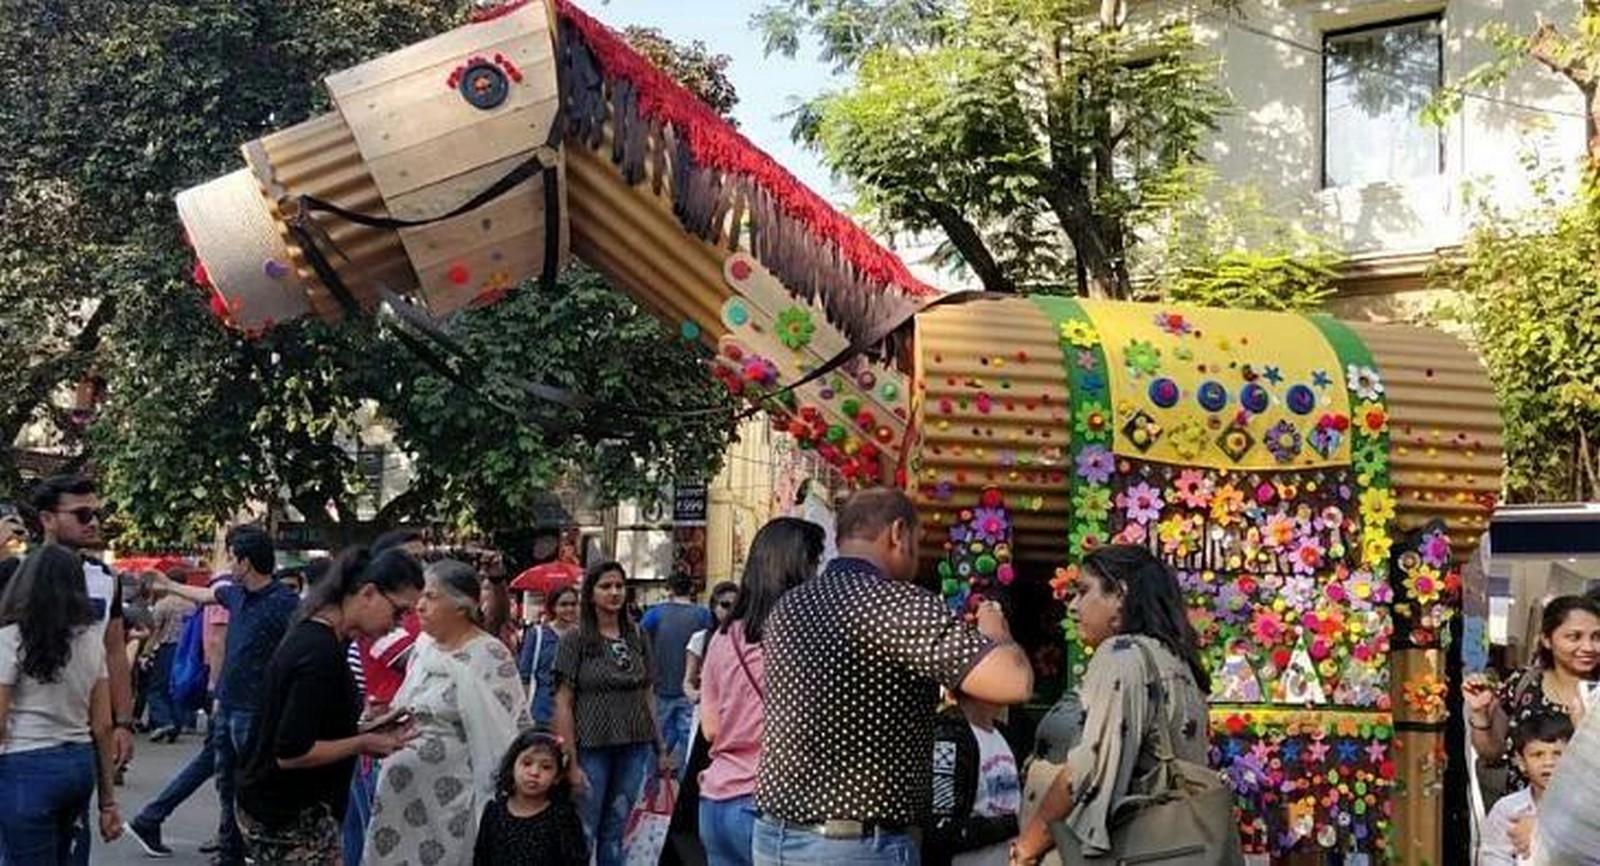 10 Most innovative installations at Kala Ghoda Art Festival, Mumbai - Sheet10